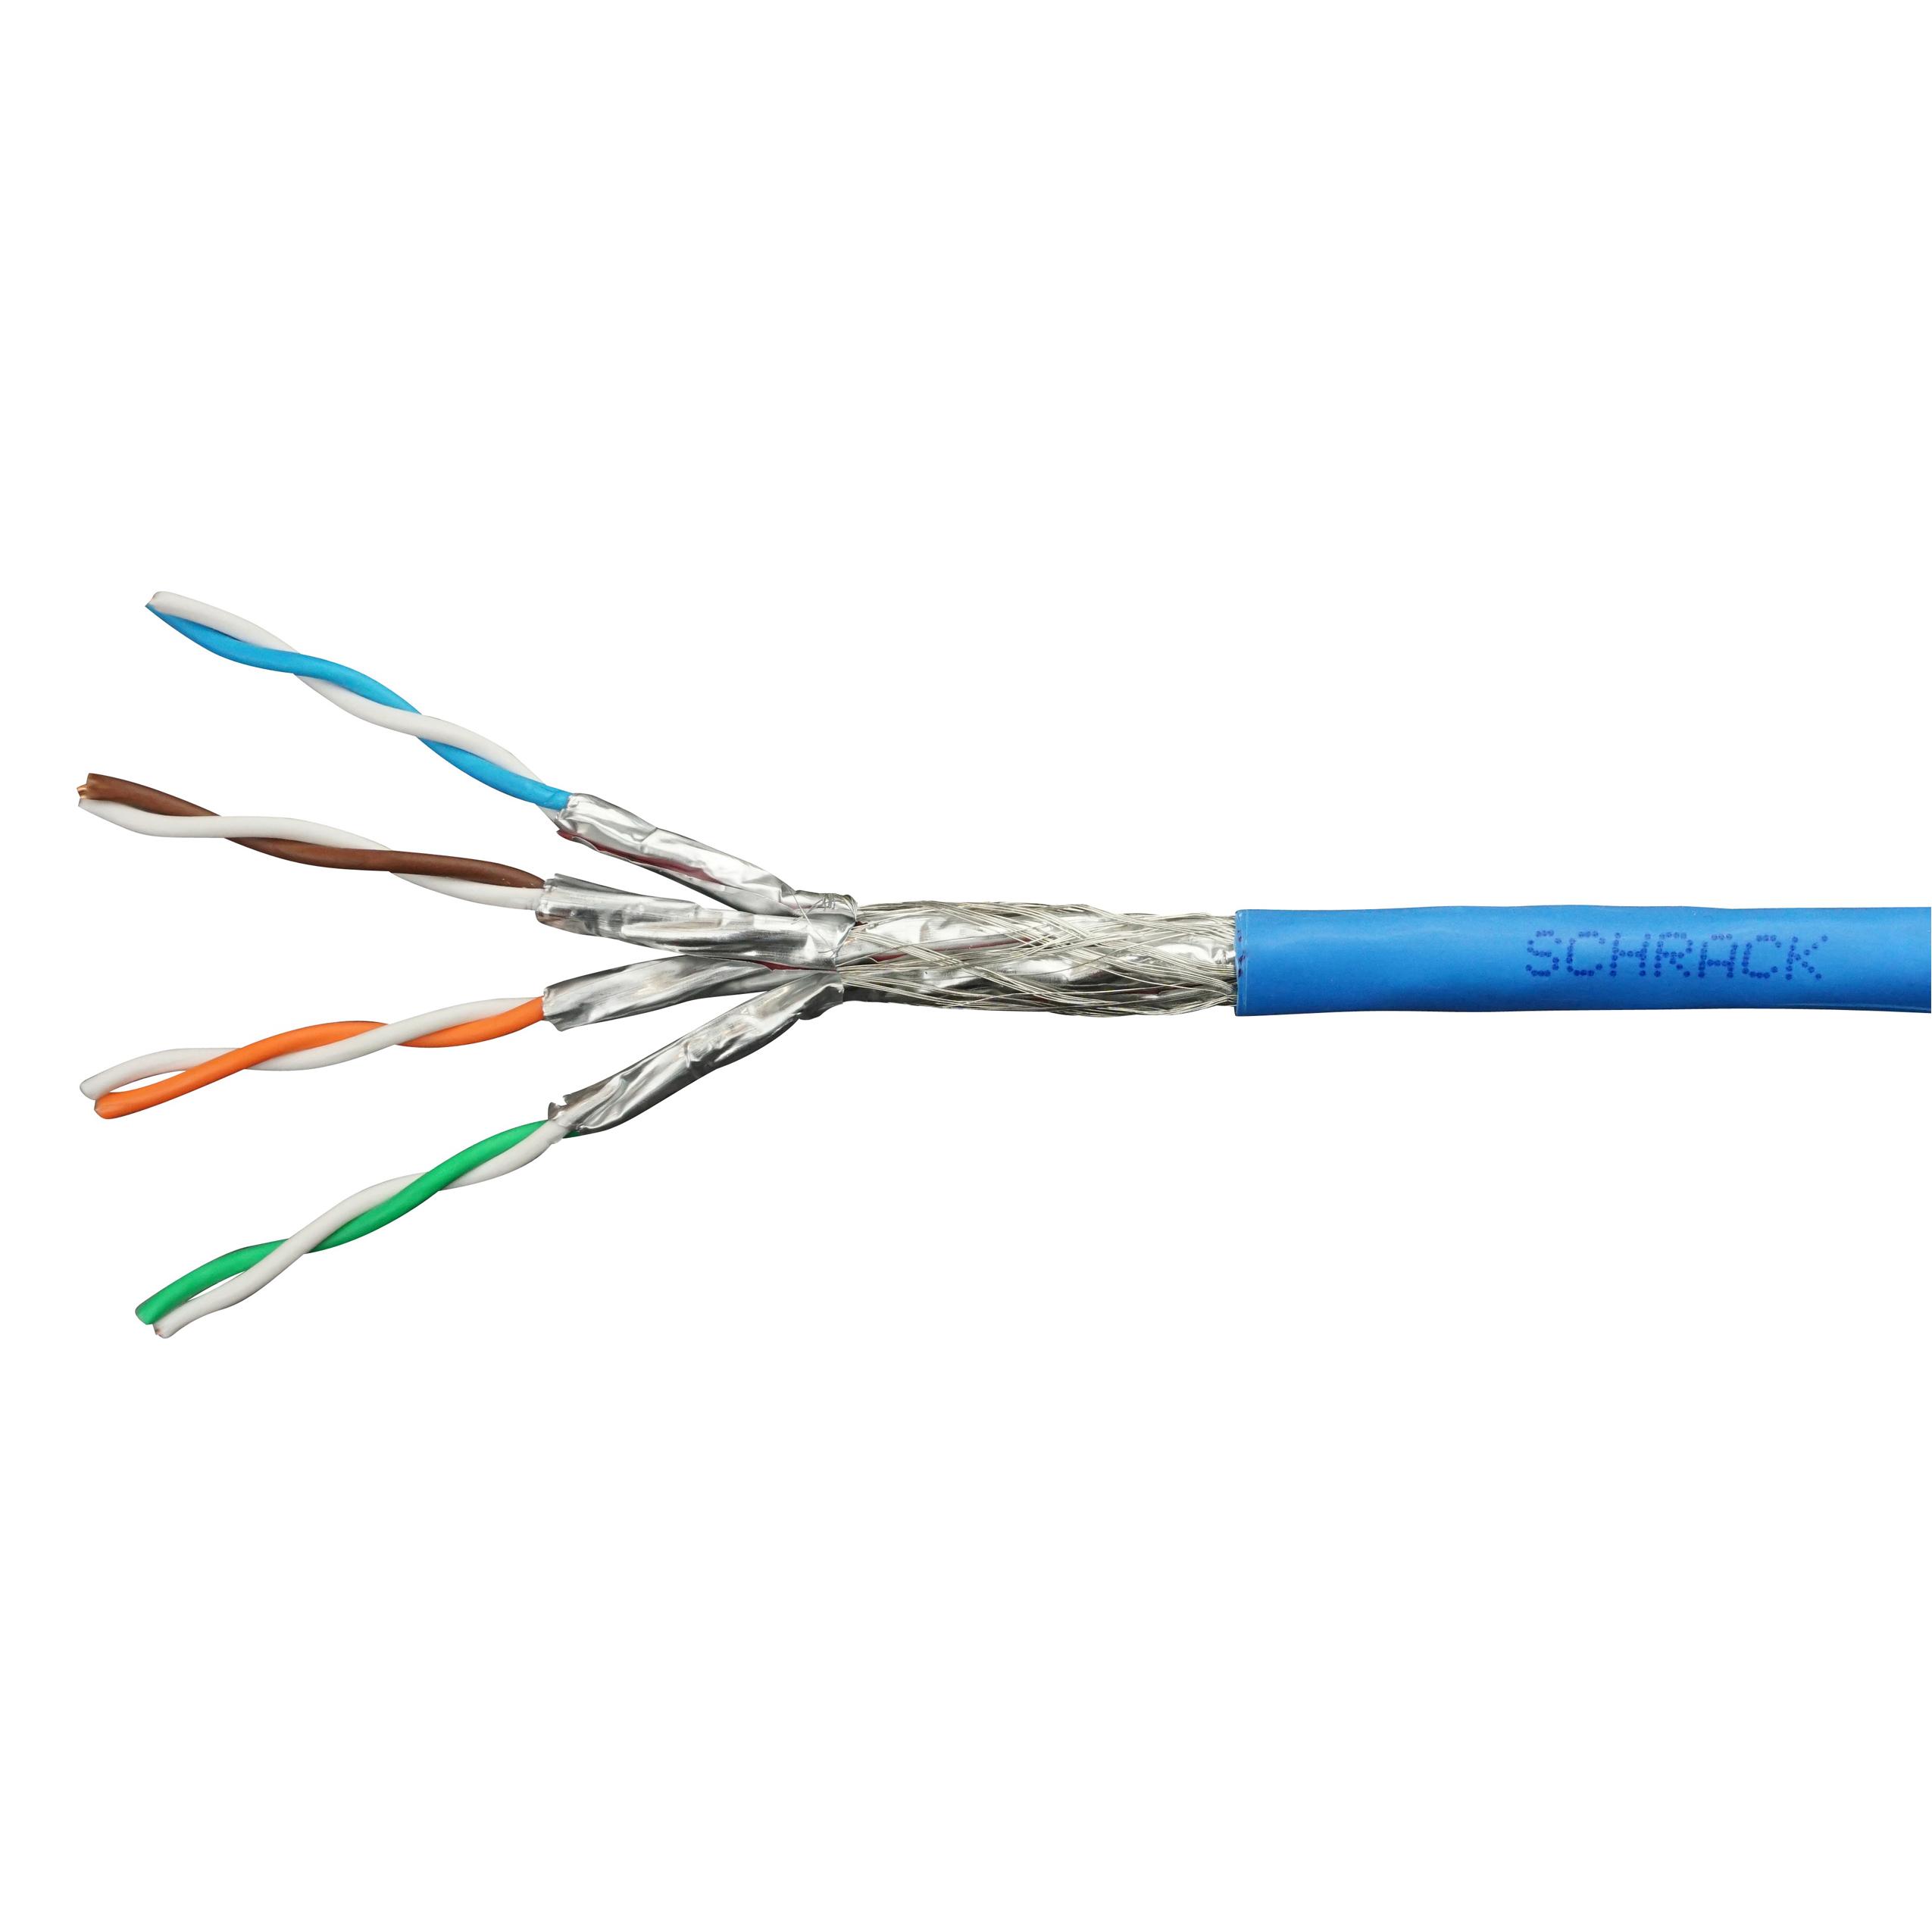 100 m S/FTP Kabel Cat.7, 4x2xAWG23/1, 1000Mhz, LS0H, 40%, blau HSEKP423HB